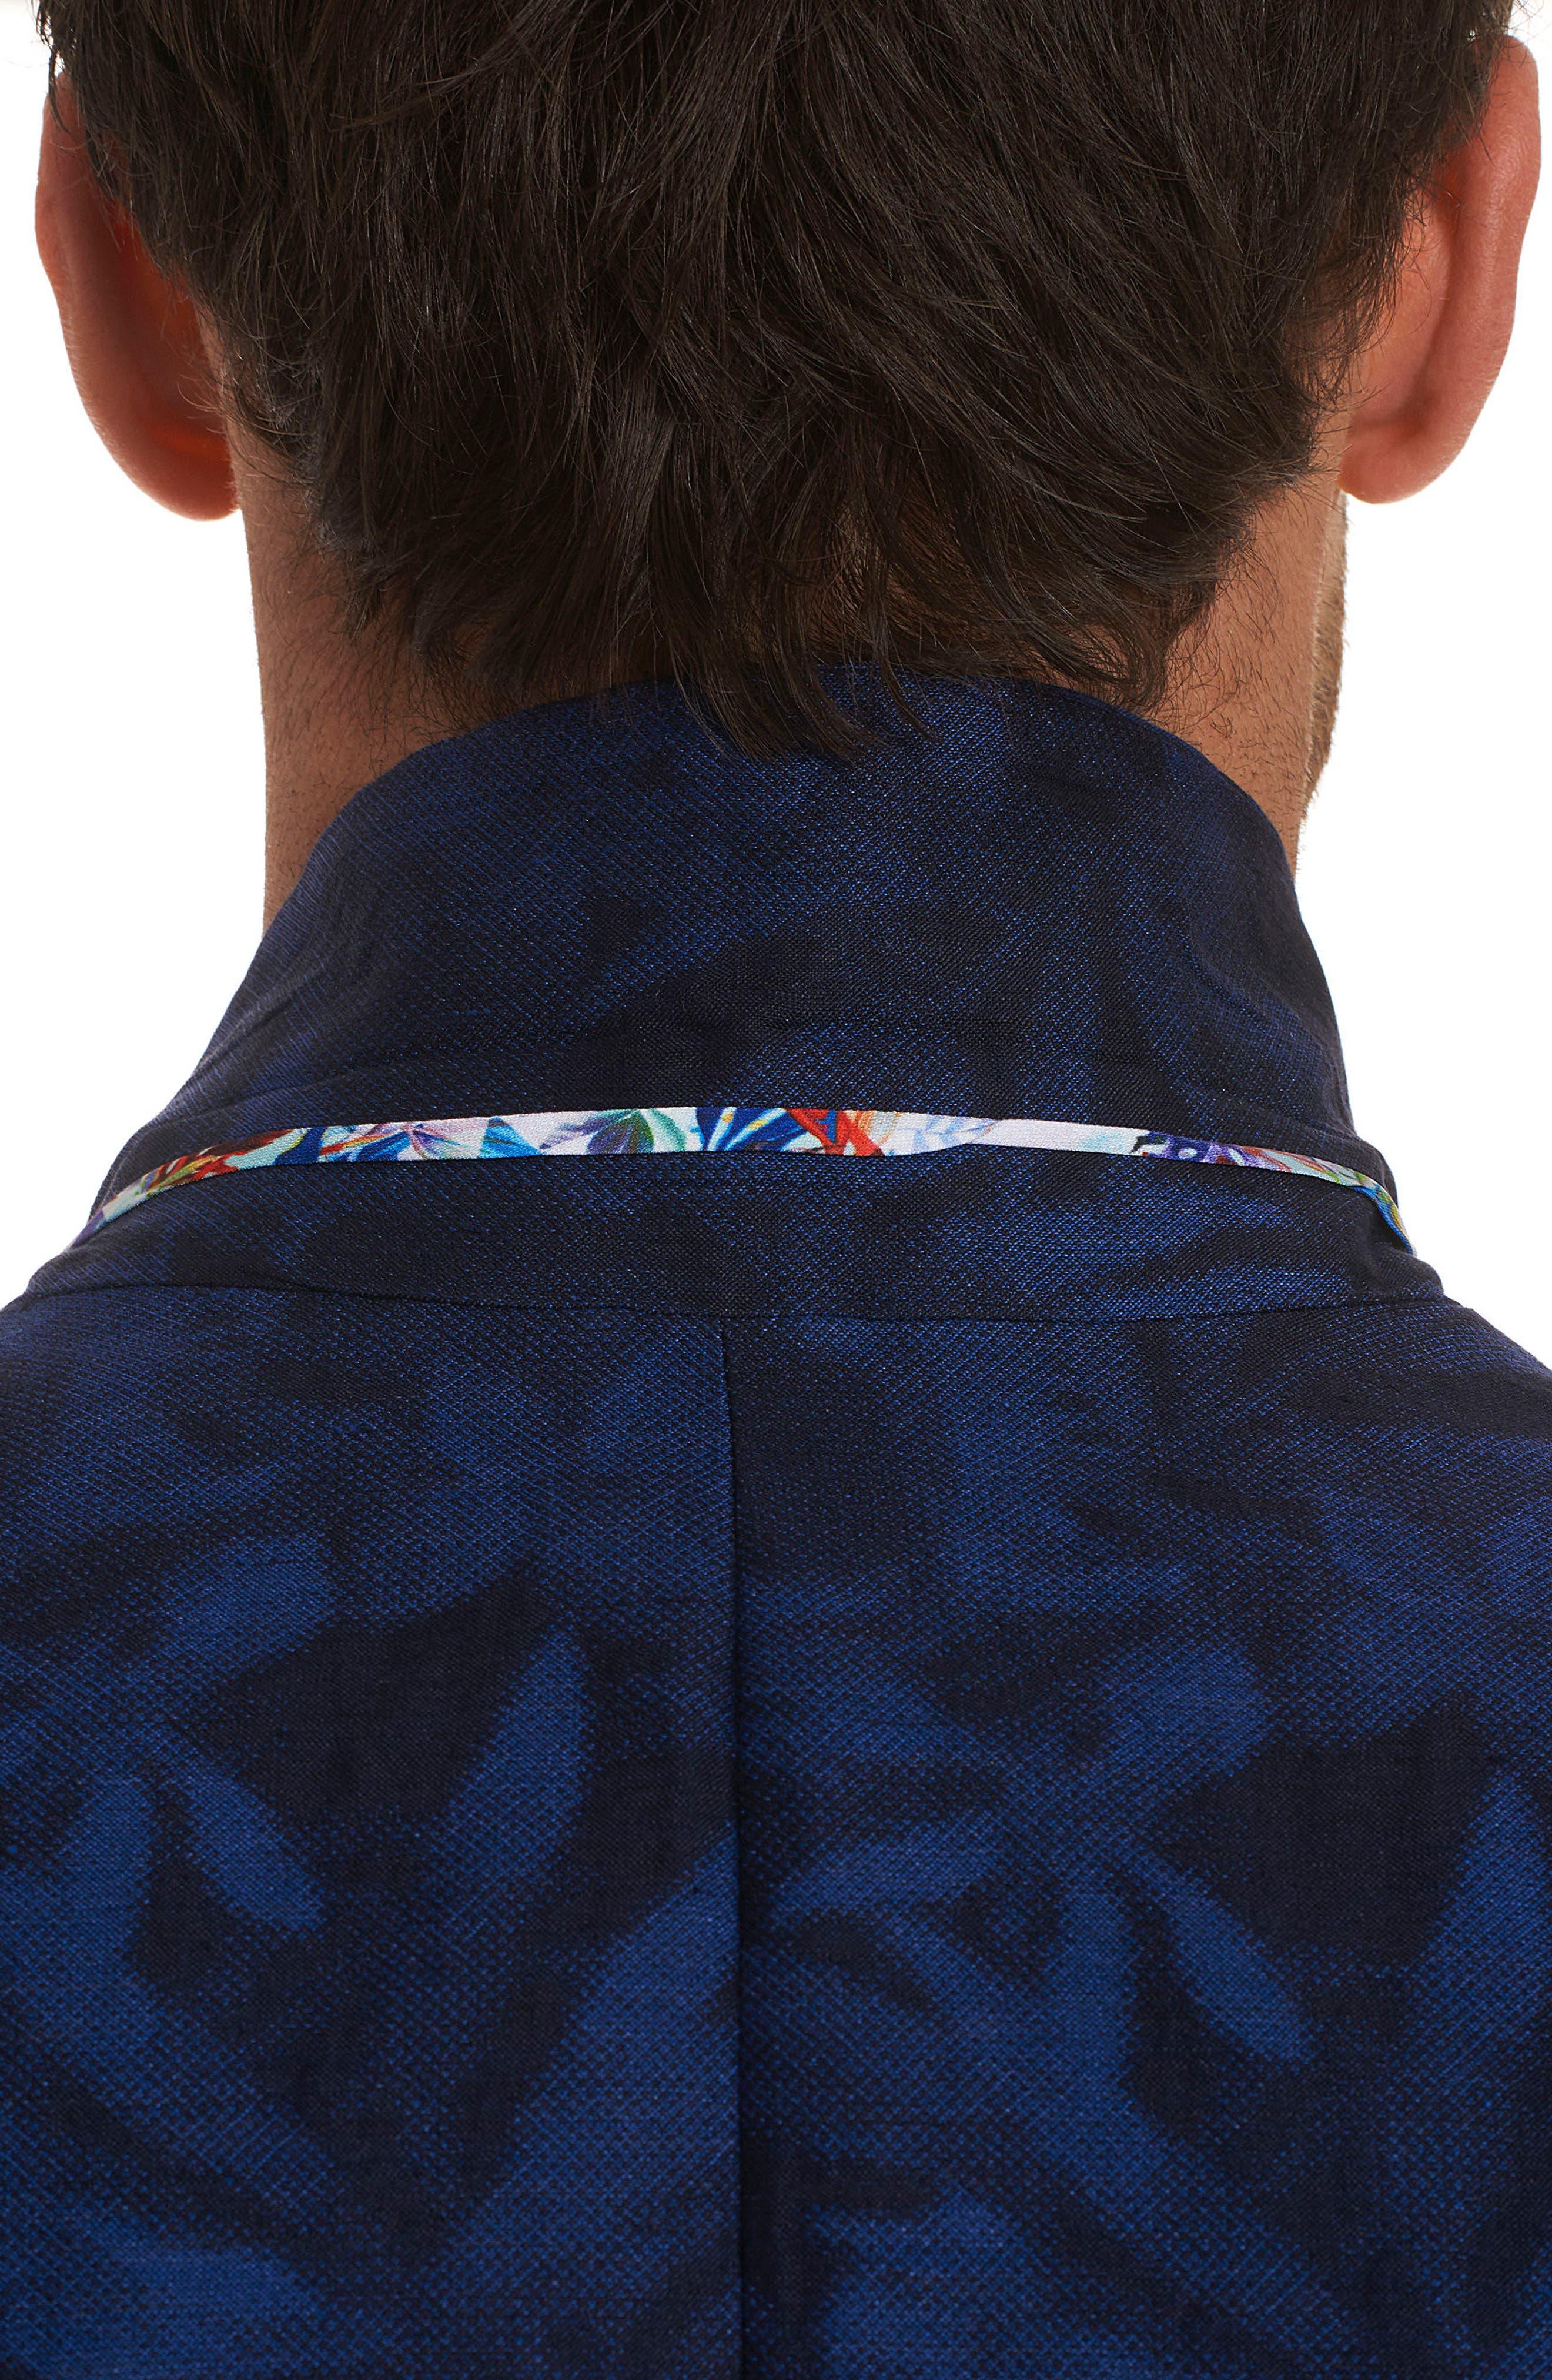 Buxons Linen & Cotton Sport Coat,                             Alternate thumbnail 3, color,